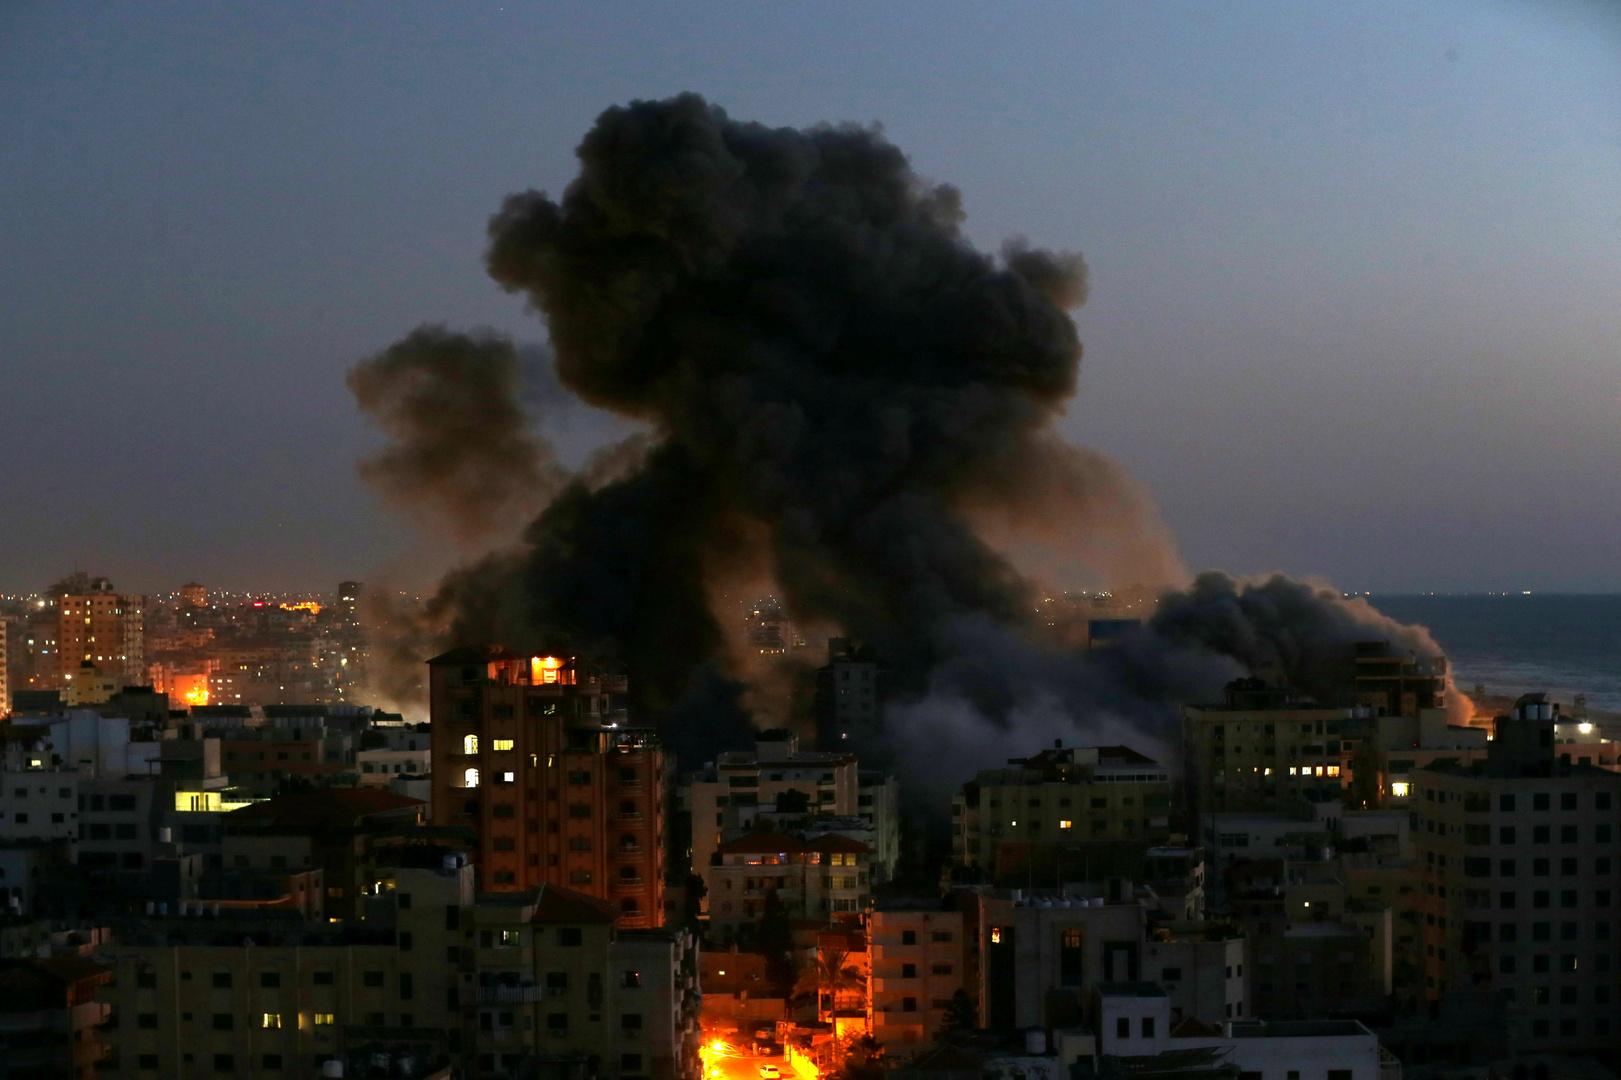 إسرائيل تستأنف الرحلات الجوية بعد توقف قصير بسبب القصف من قطاع غزة